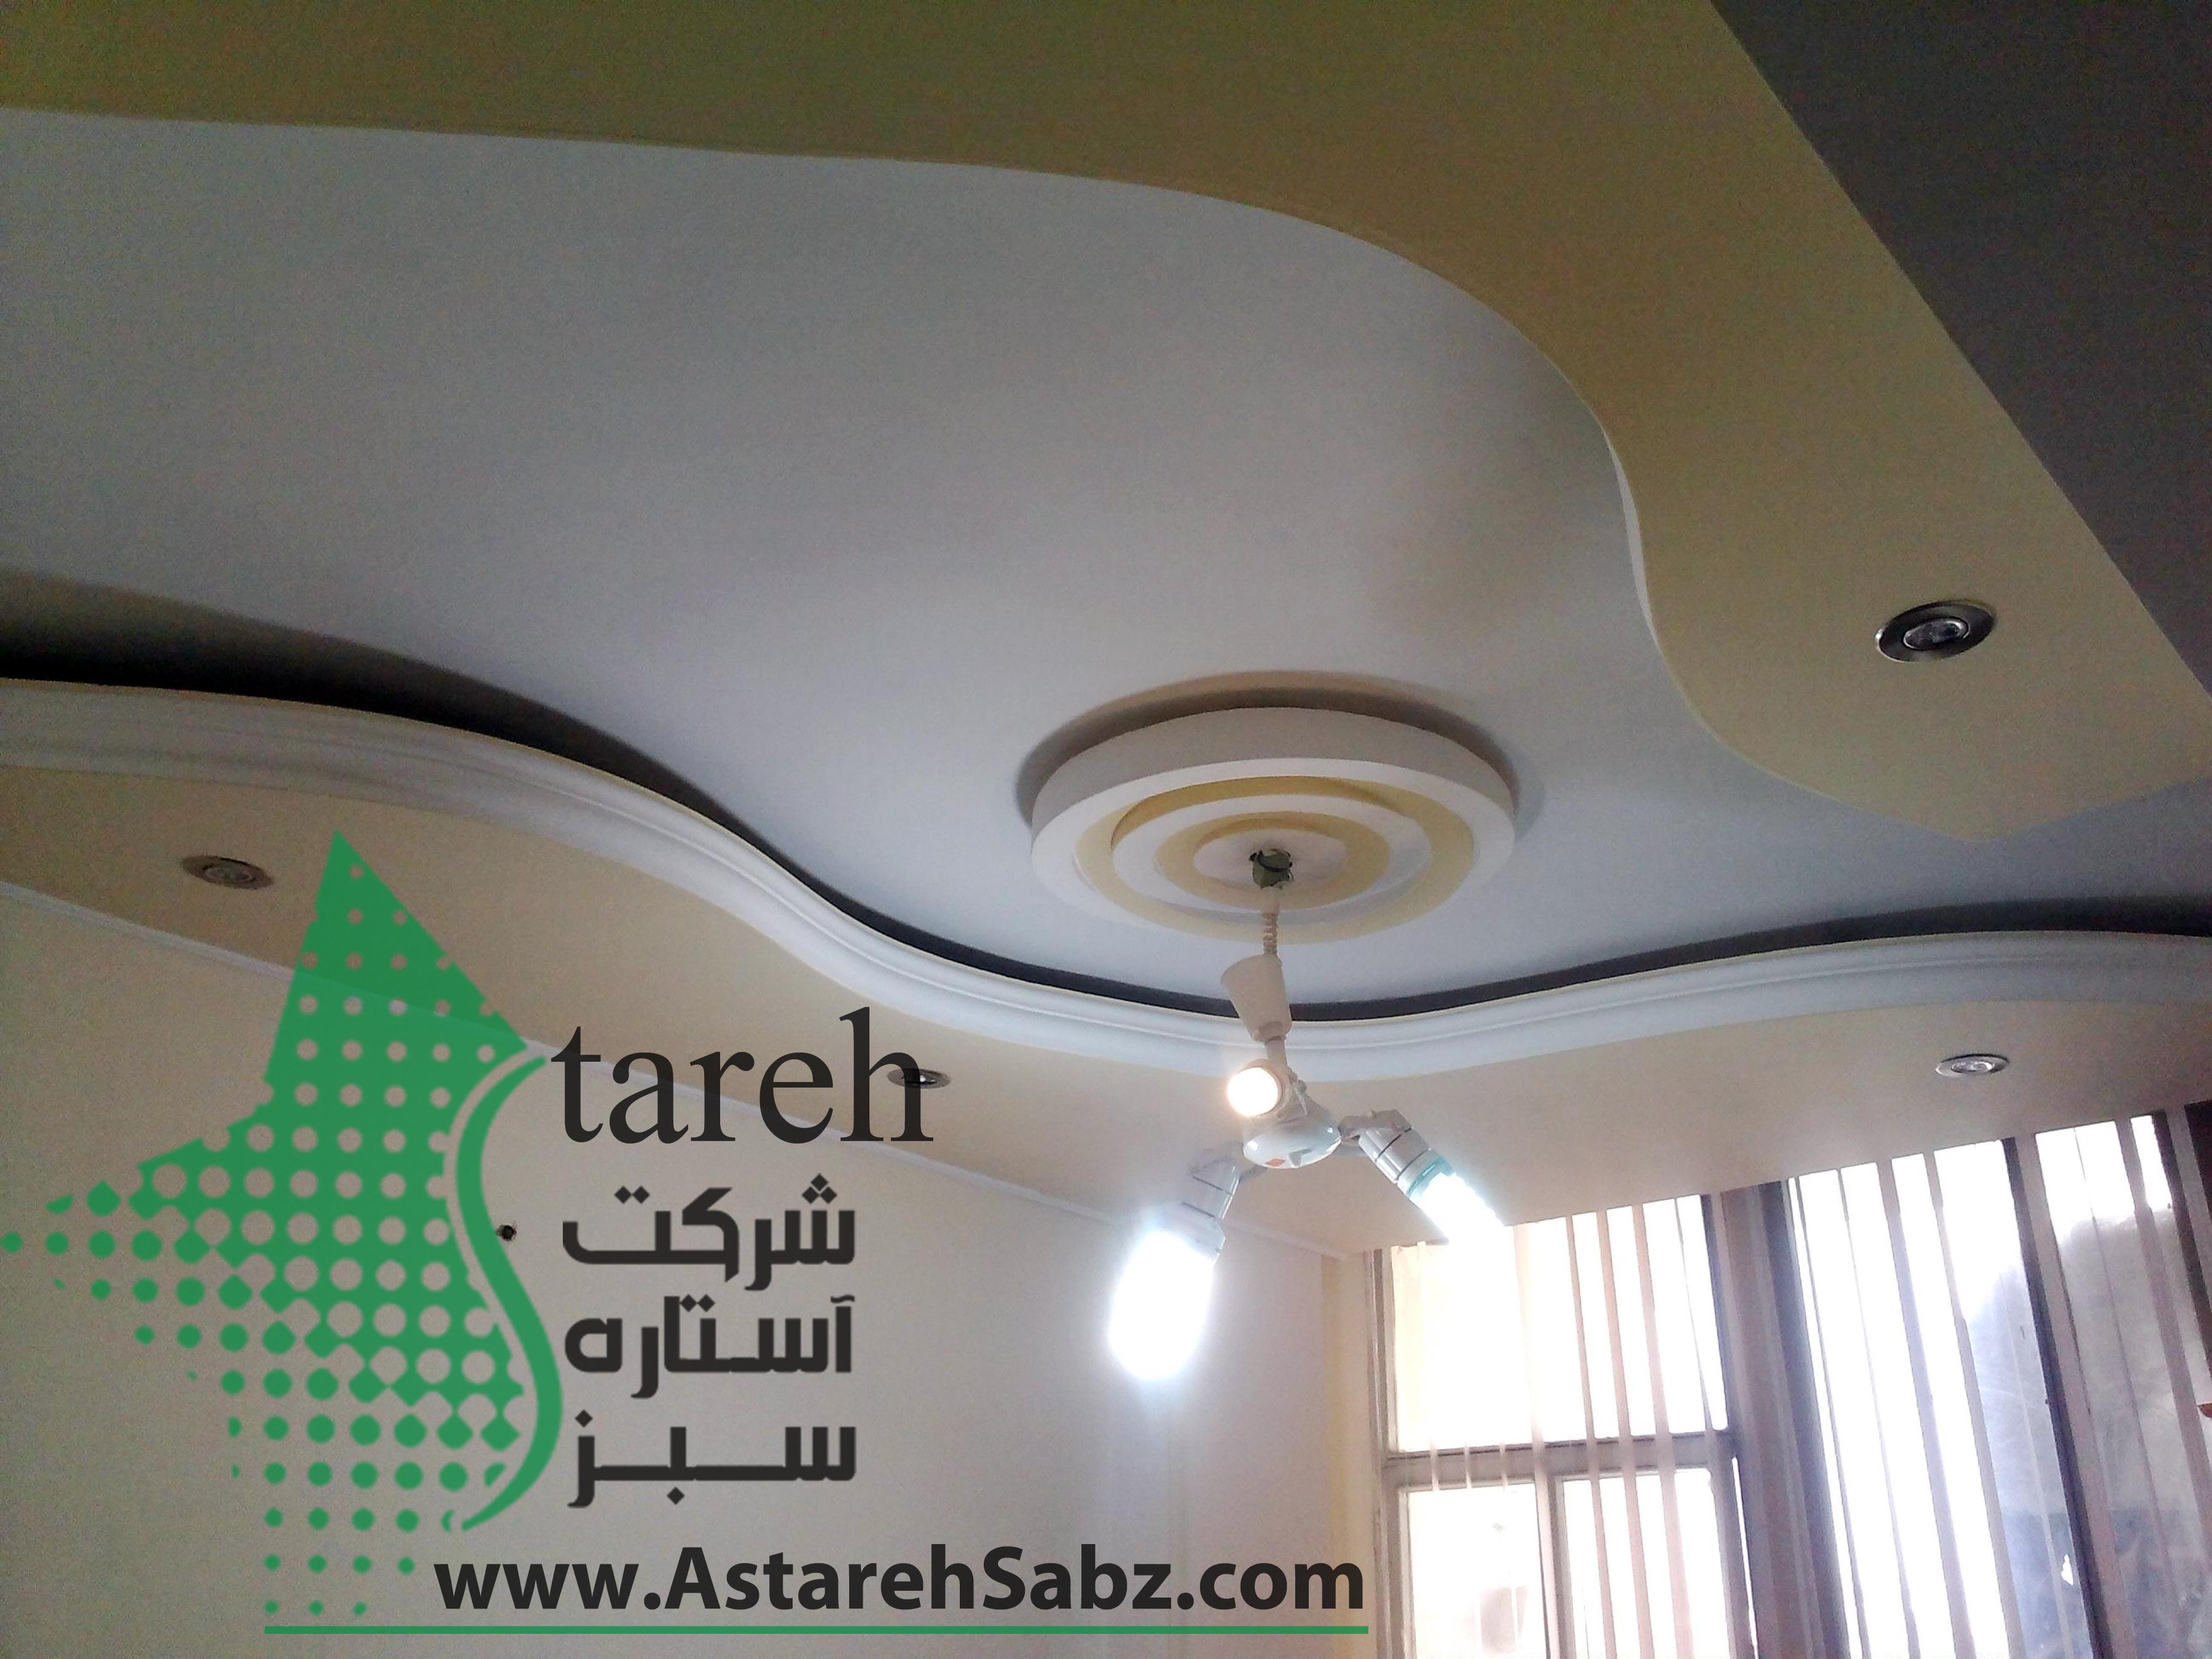 Astareh Sabz (110)